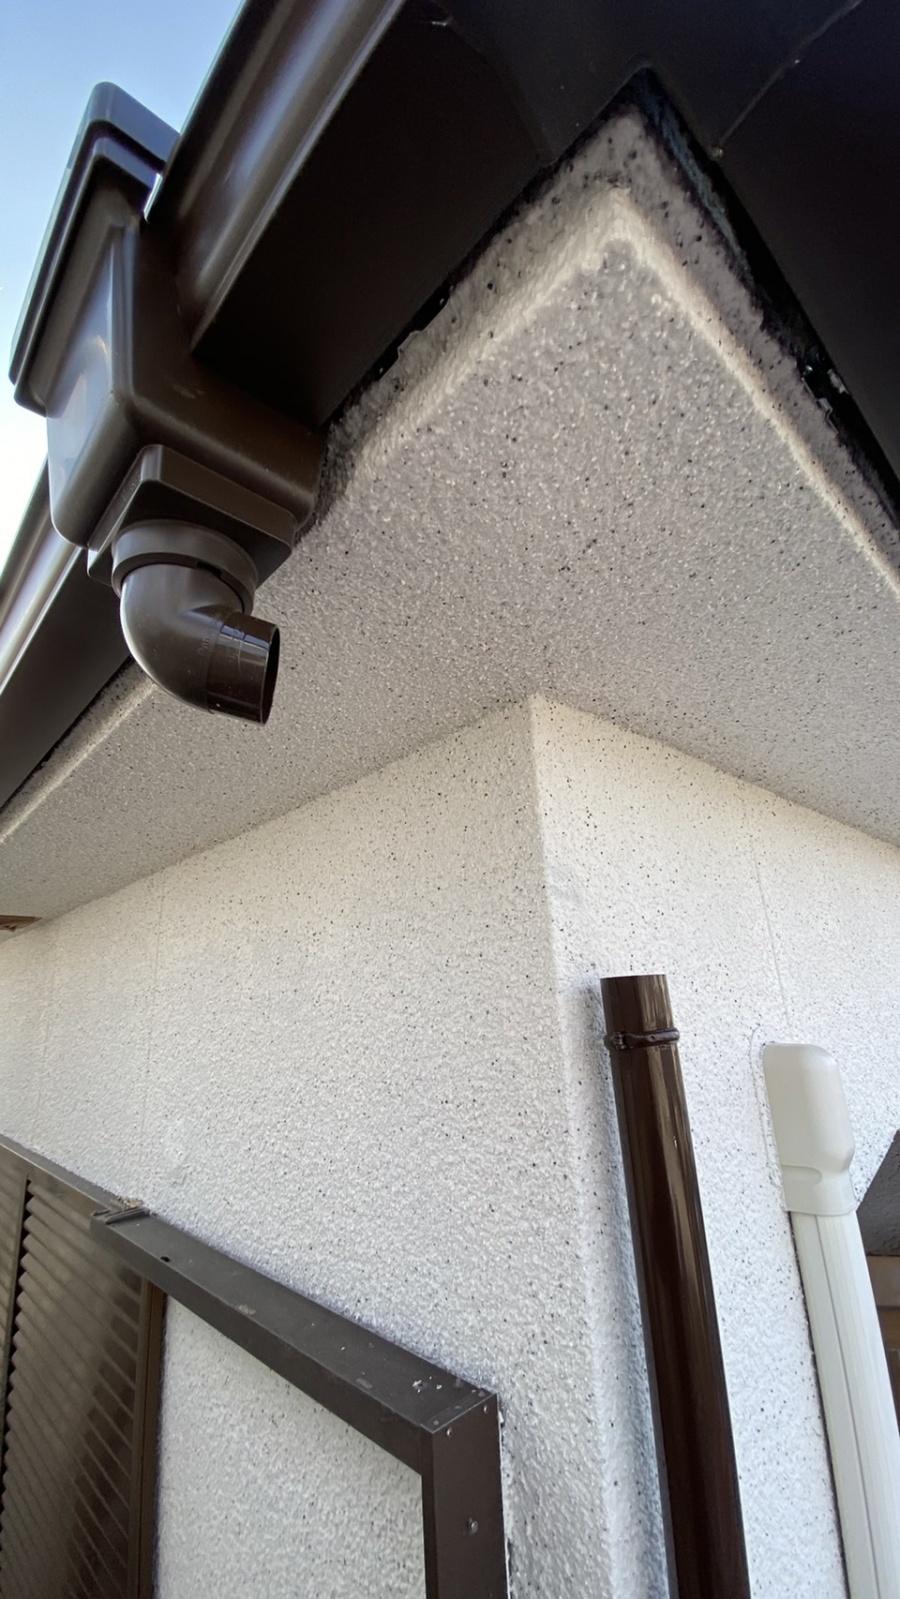 淡路市での雨樋修理で軒樋を取り付けている様子